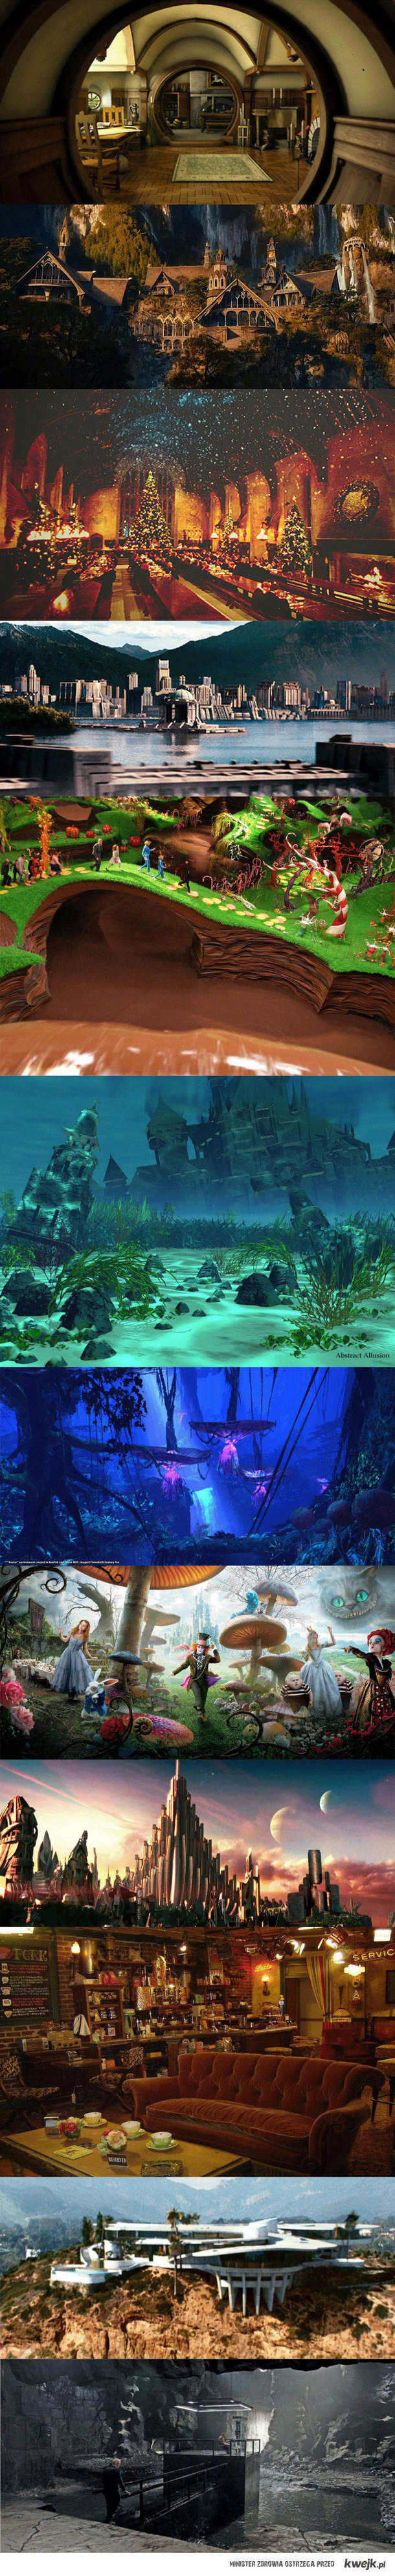 Chcę tam kiedyś pojechać